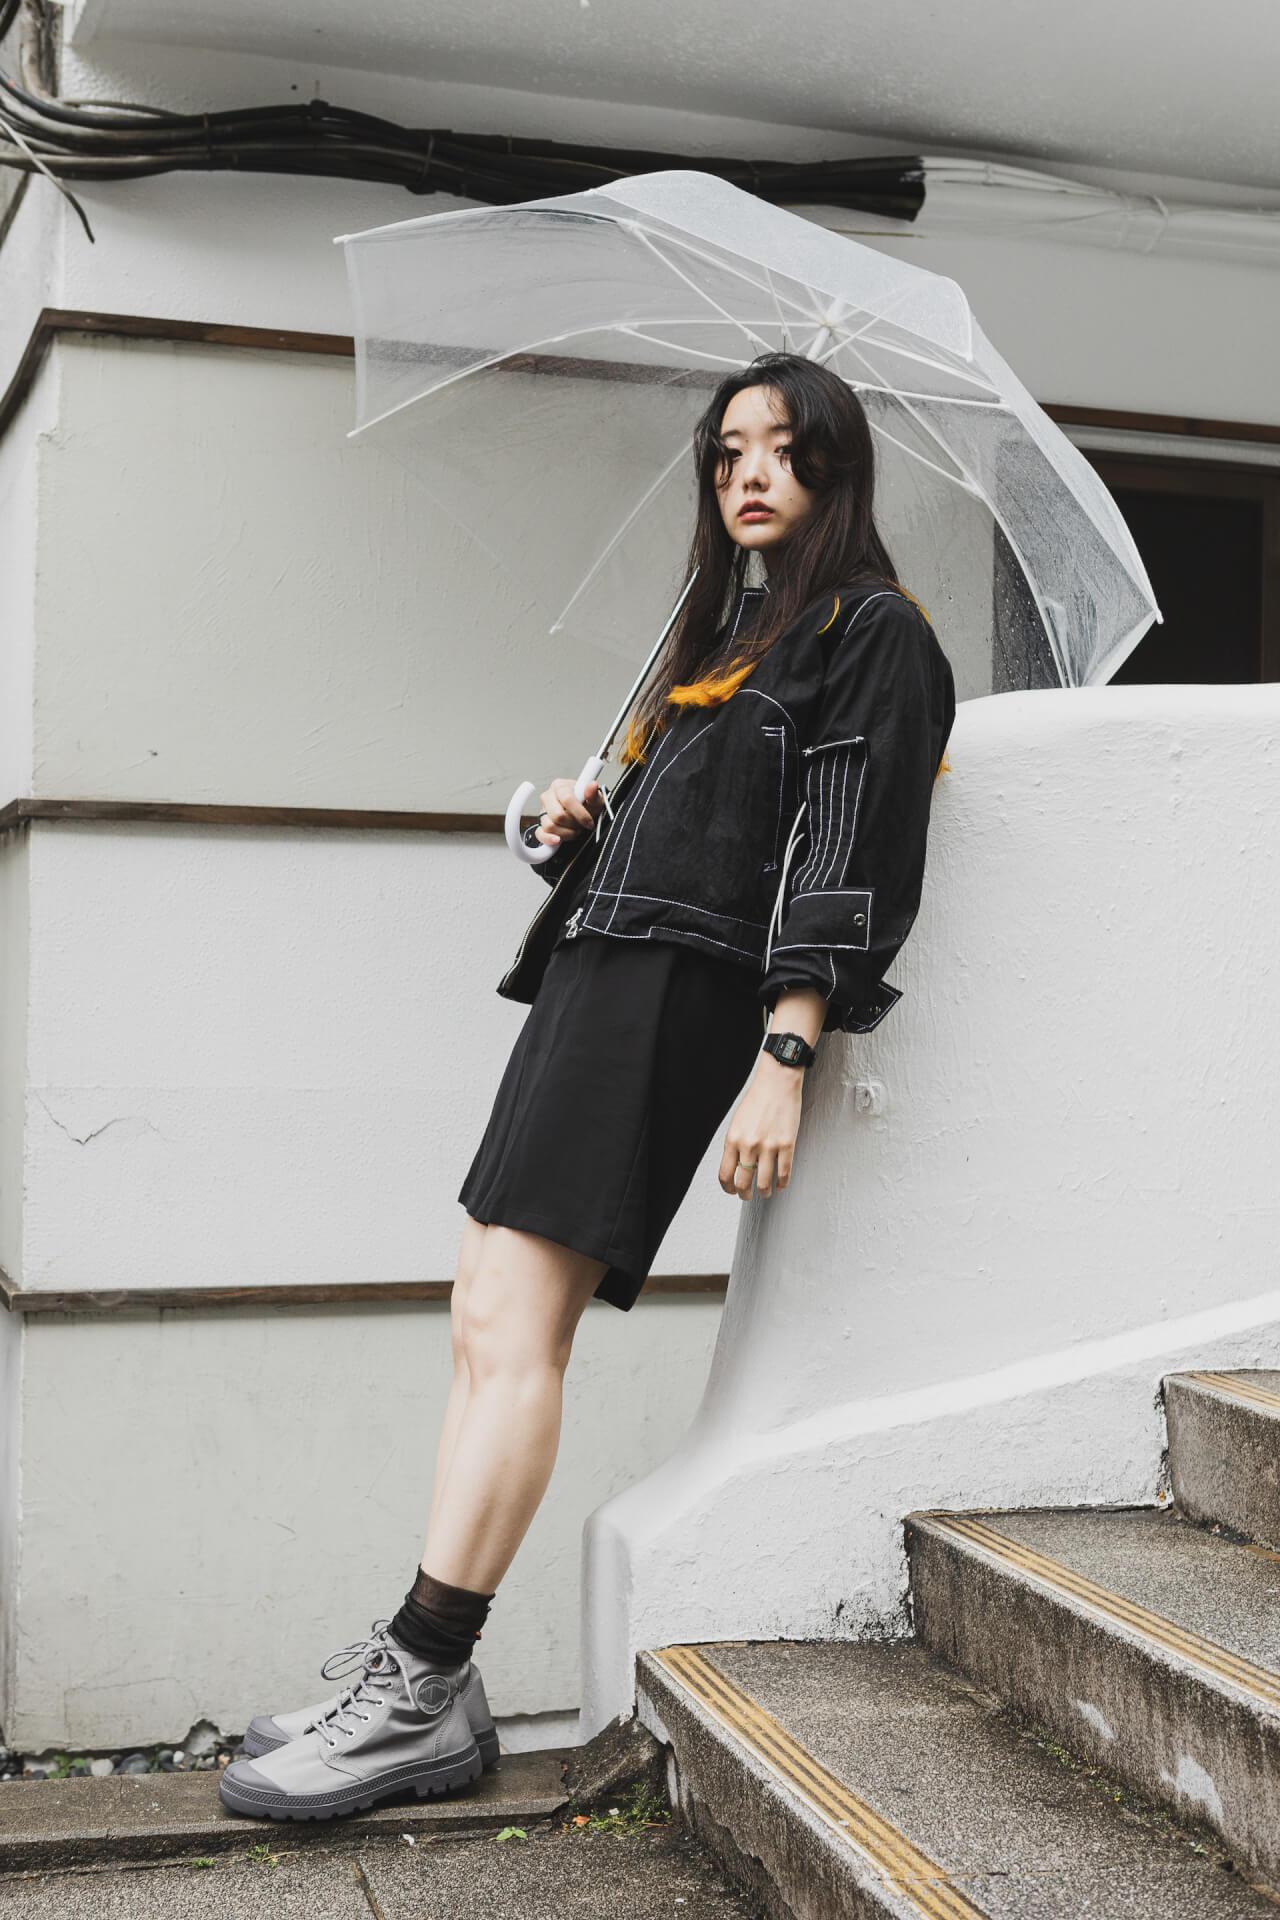 PALLADIUM × 7A&msd|スタイリスト、クリエイターが提案する梅雨を乗り切る雨の日コーデ fashion210526_palladium-021